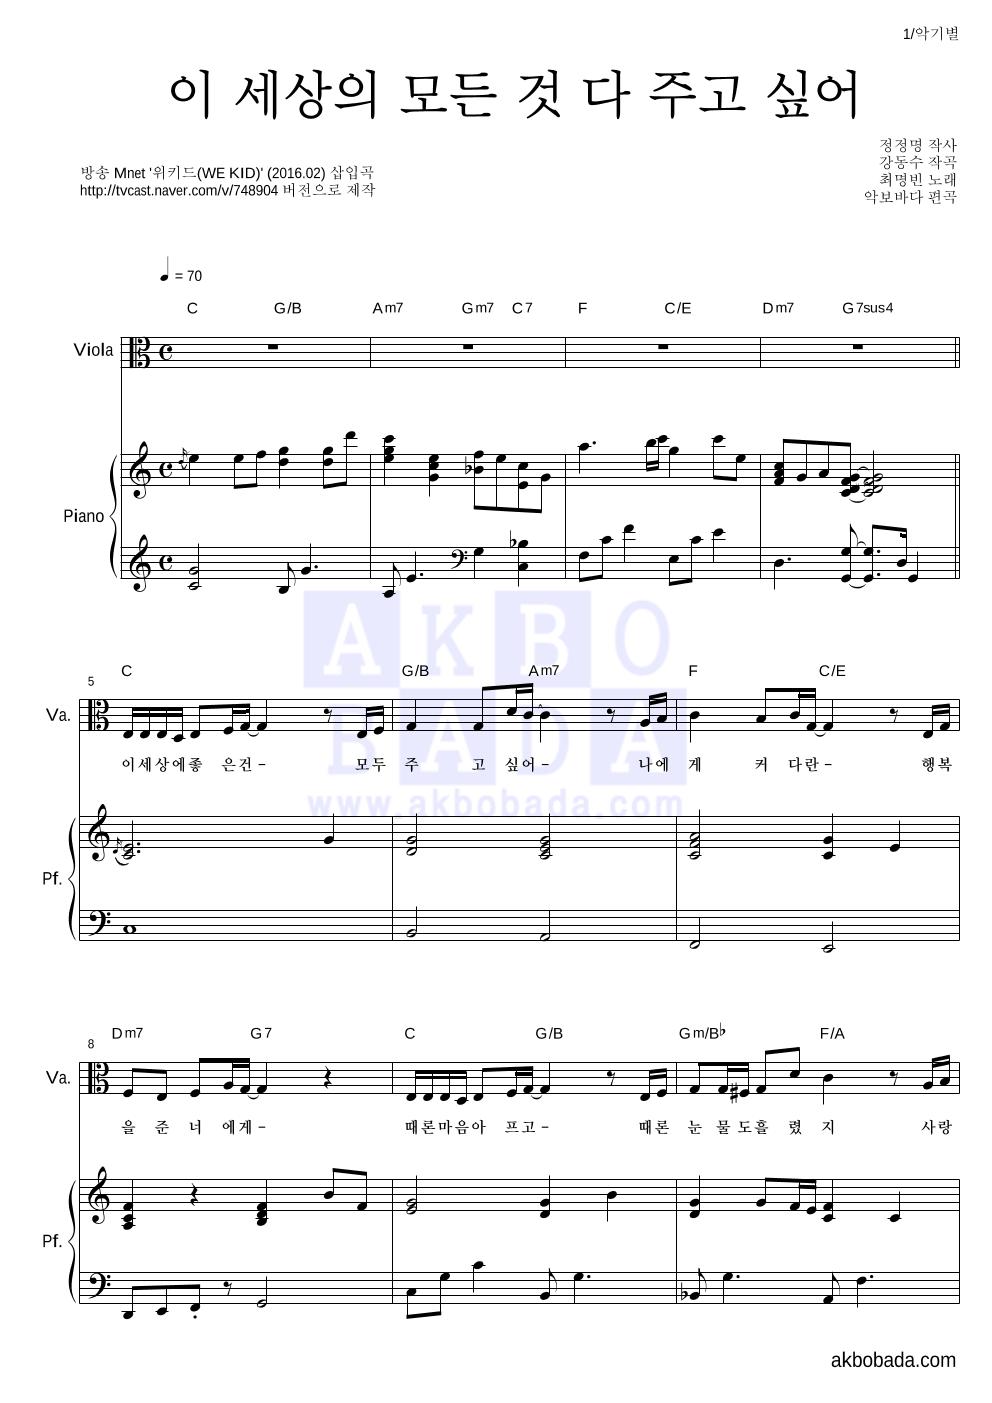 최영빈 - 이 세상의 모든 것 다 주고 싶어 비올라&피아노 악보